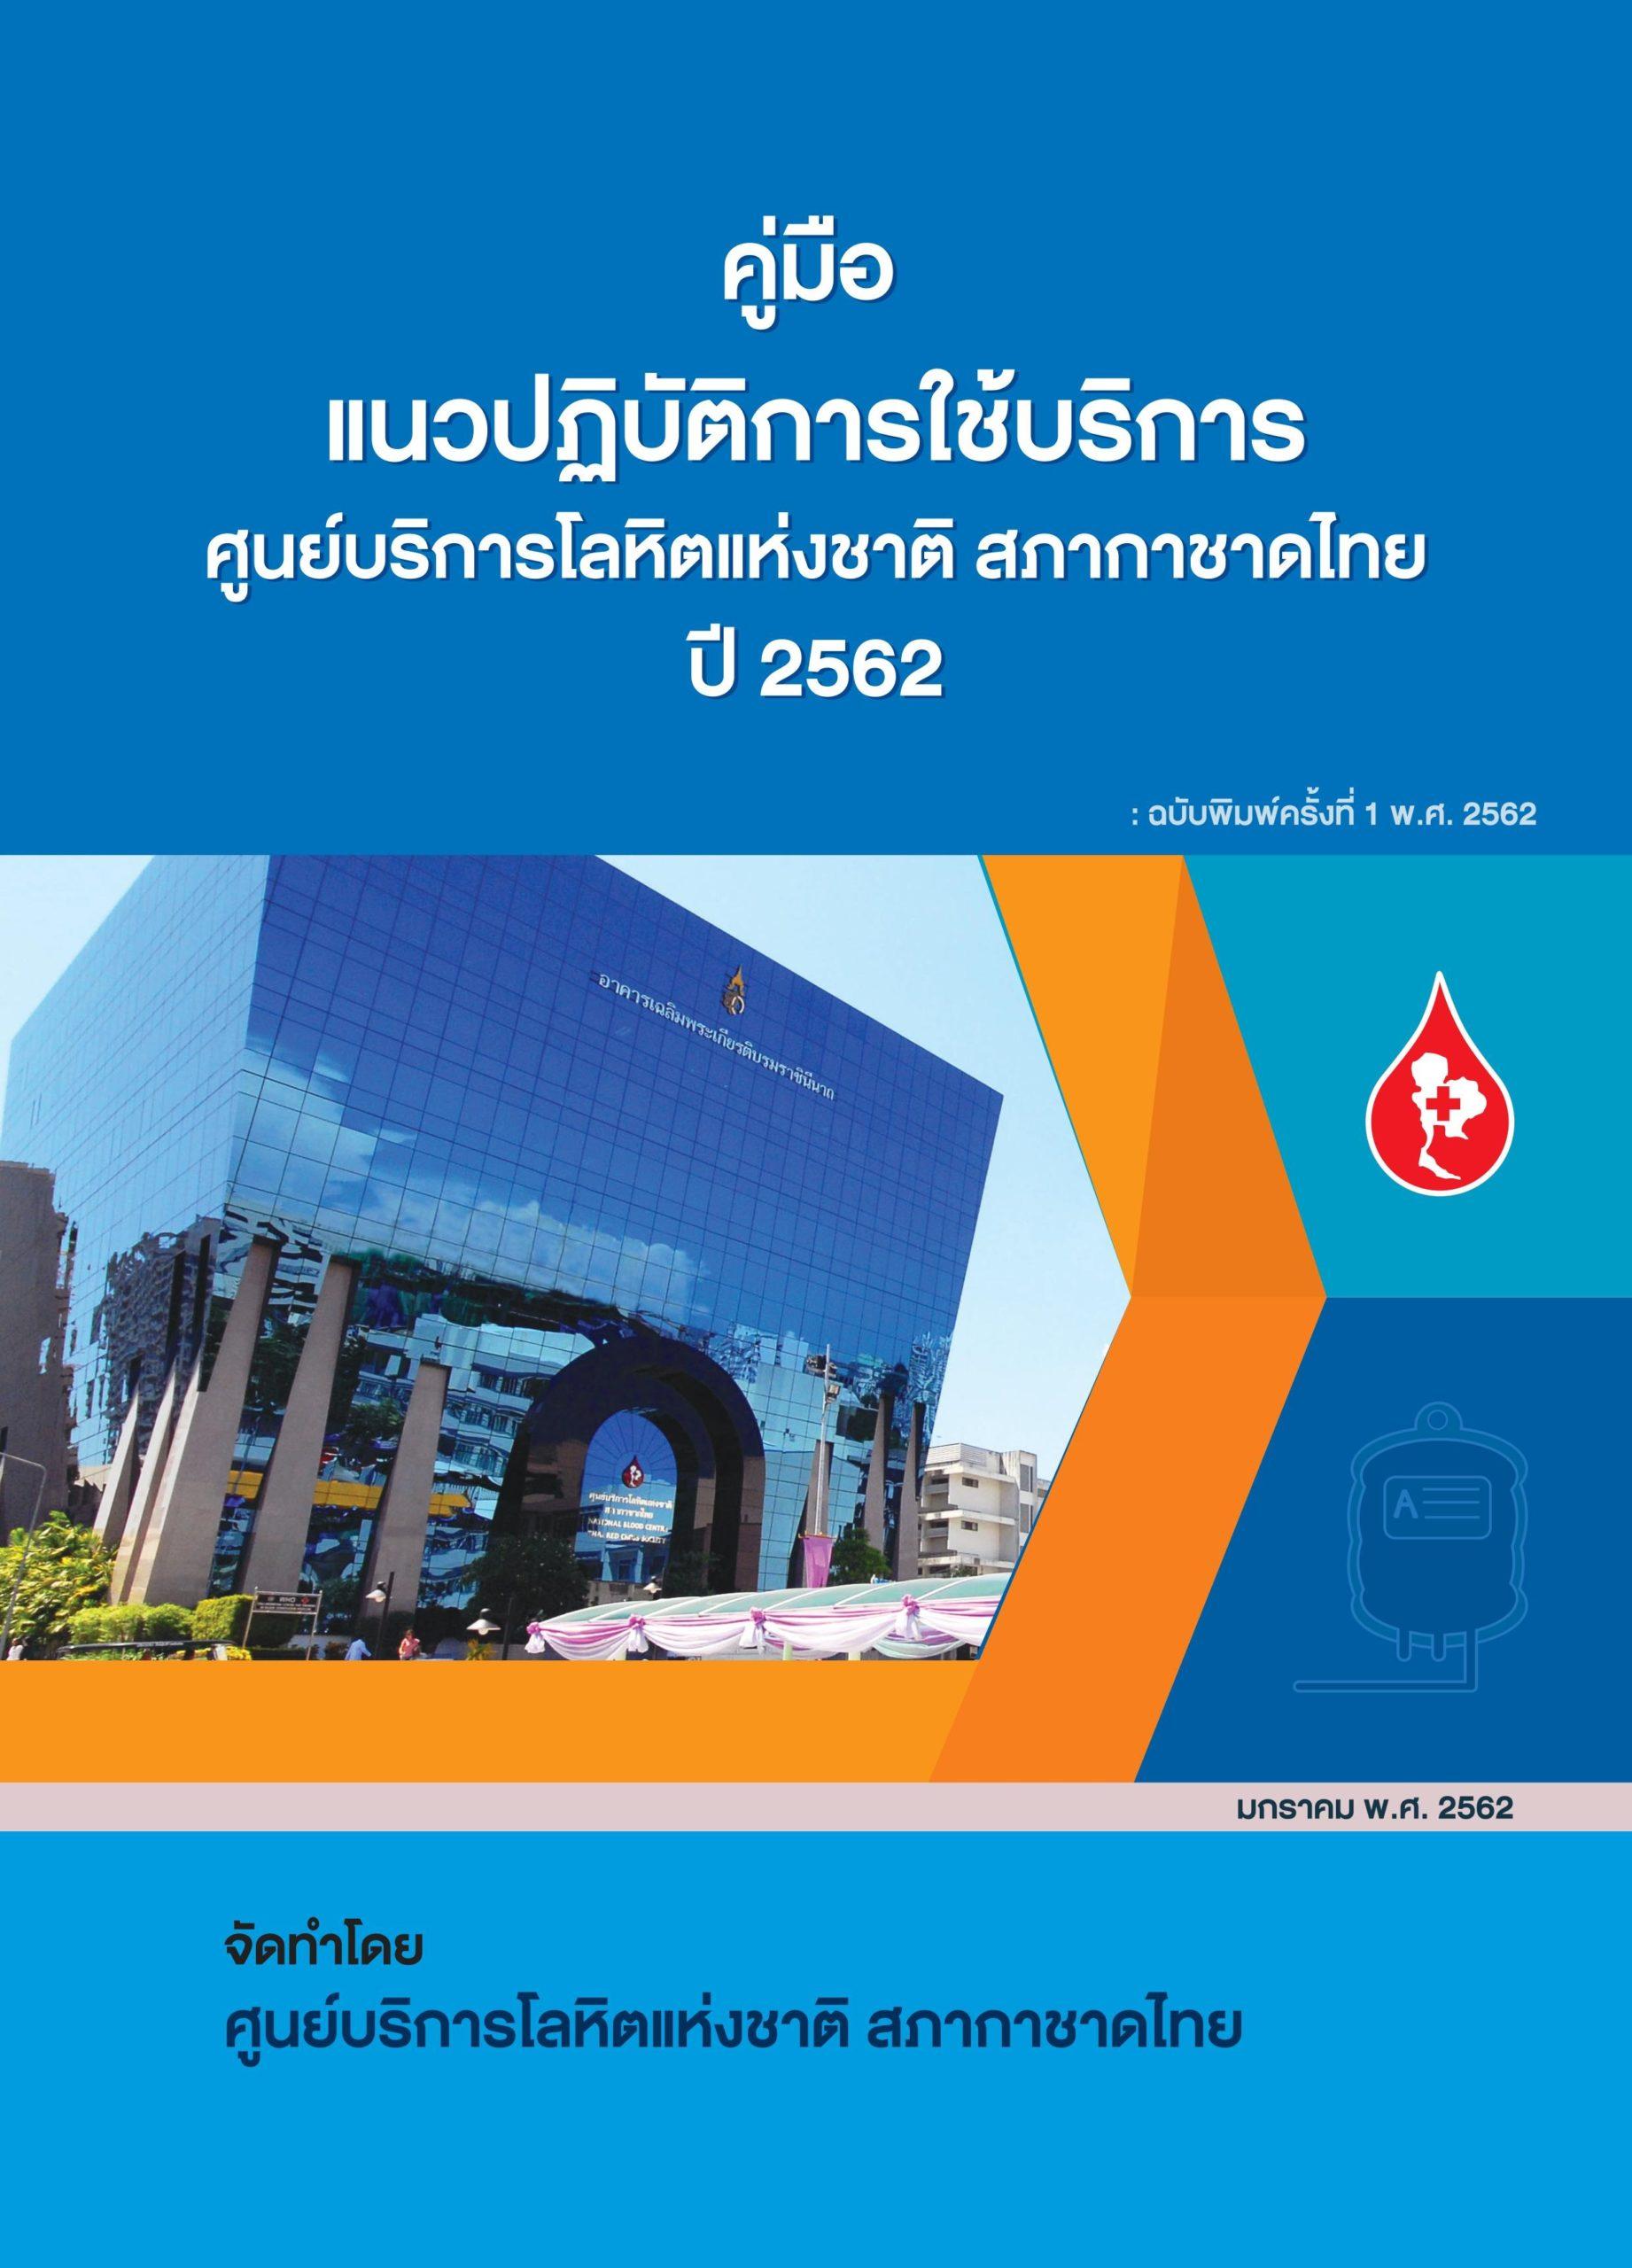 คู่มือแนวปฎิบัติการใช้บริการศูนย์บริการโลหิตแห่งชาติ สภากาชาดไทย ปี 2562